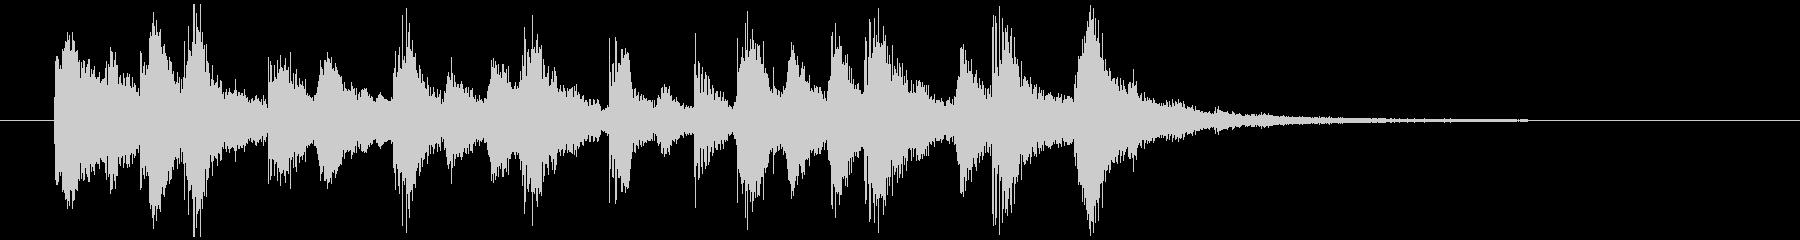 可愛いシンセによるジングル の未再生の波形